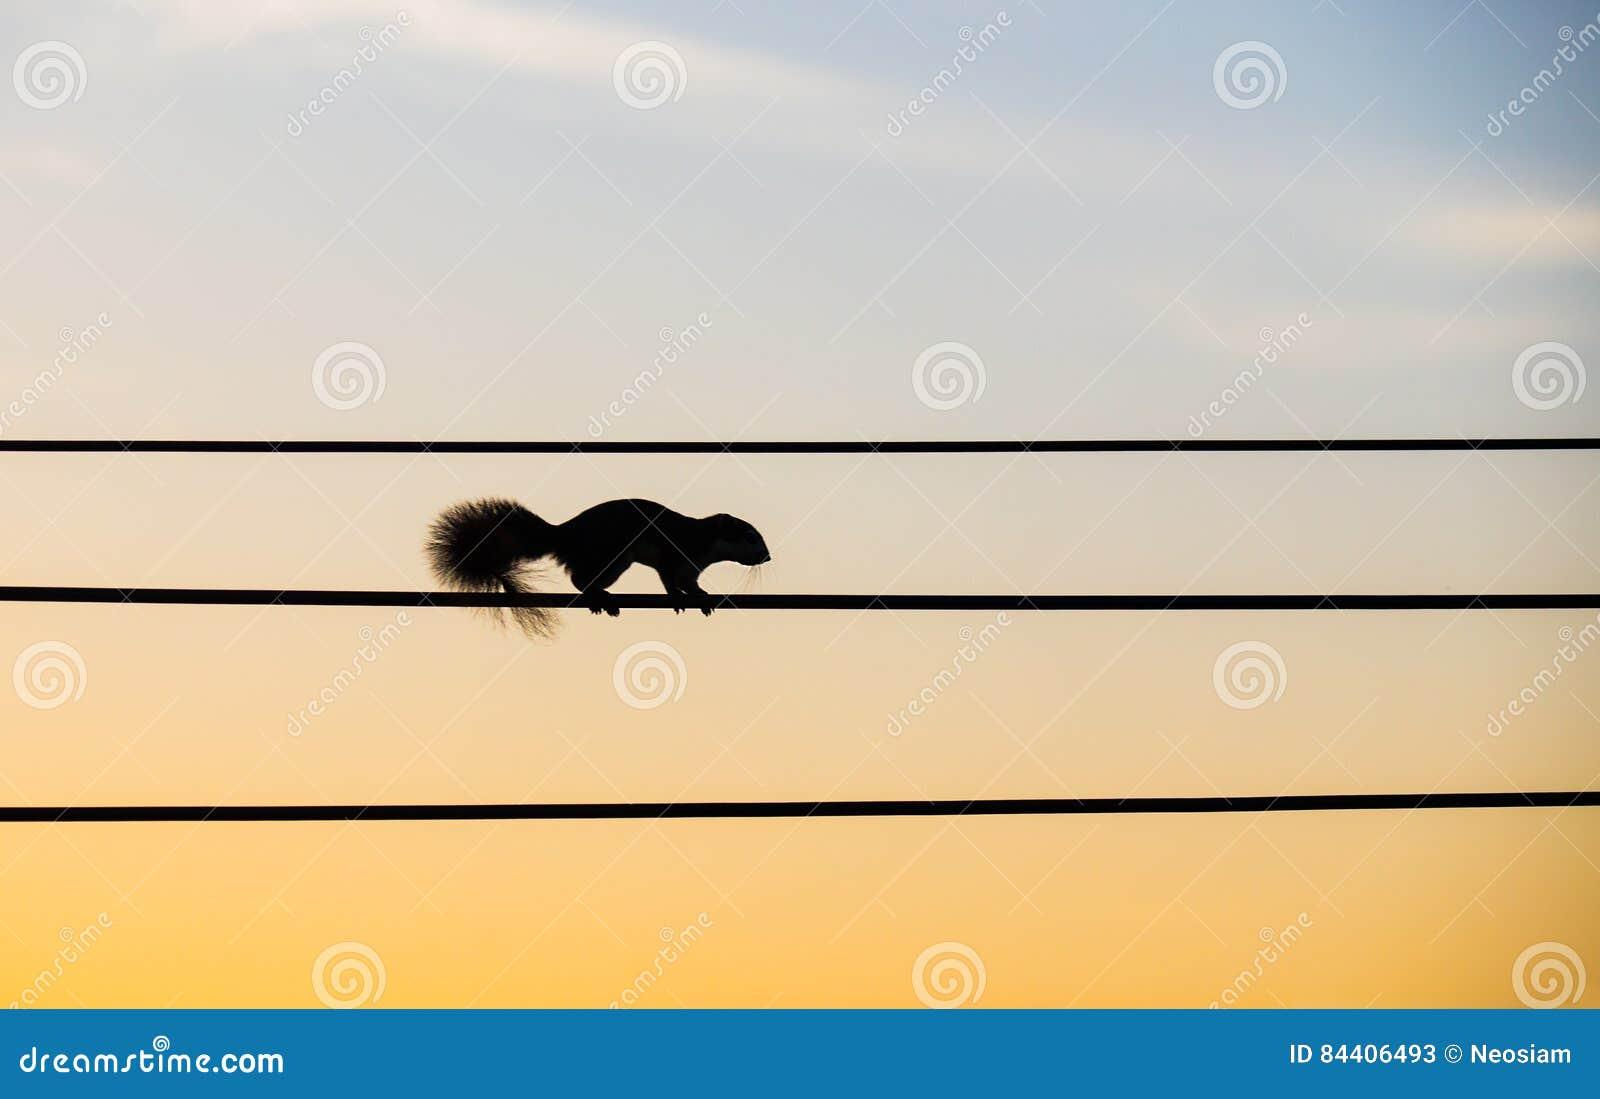 Schattenbildeichhörnchen, Das Auf Den Elektrischen Draht Geht ...